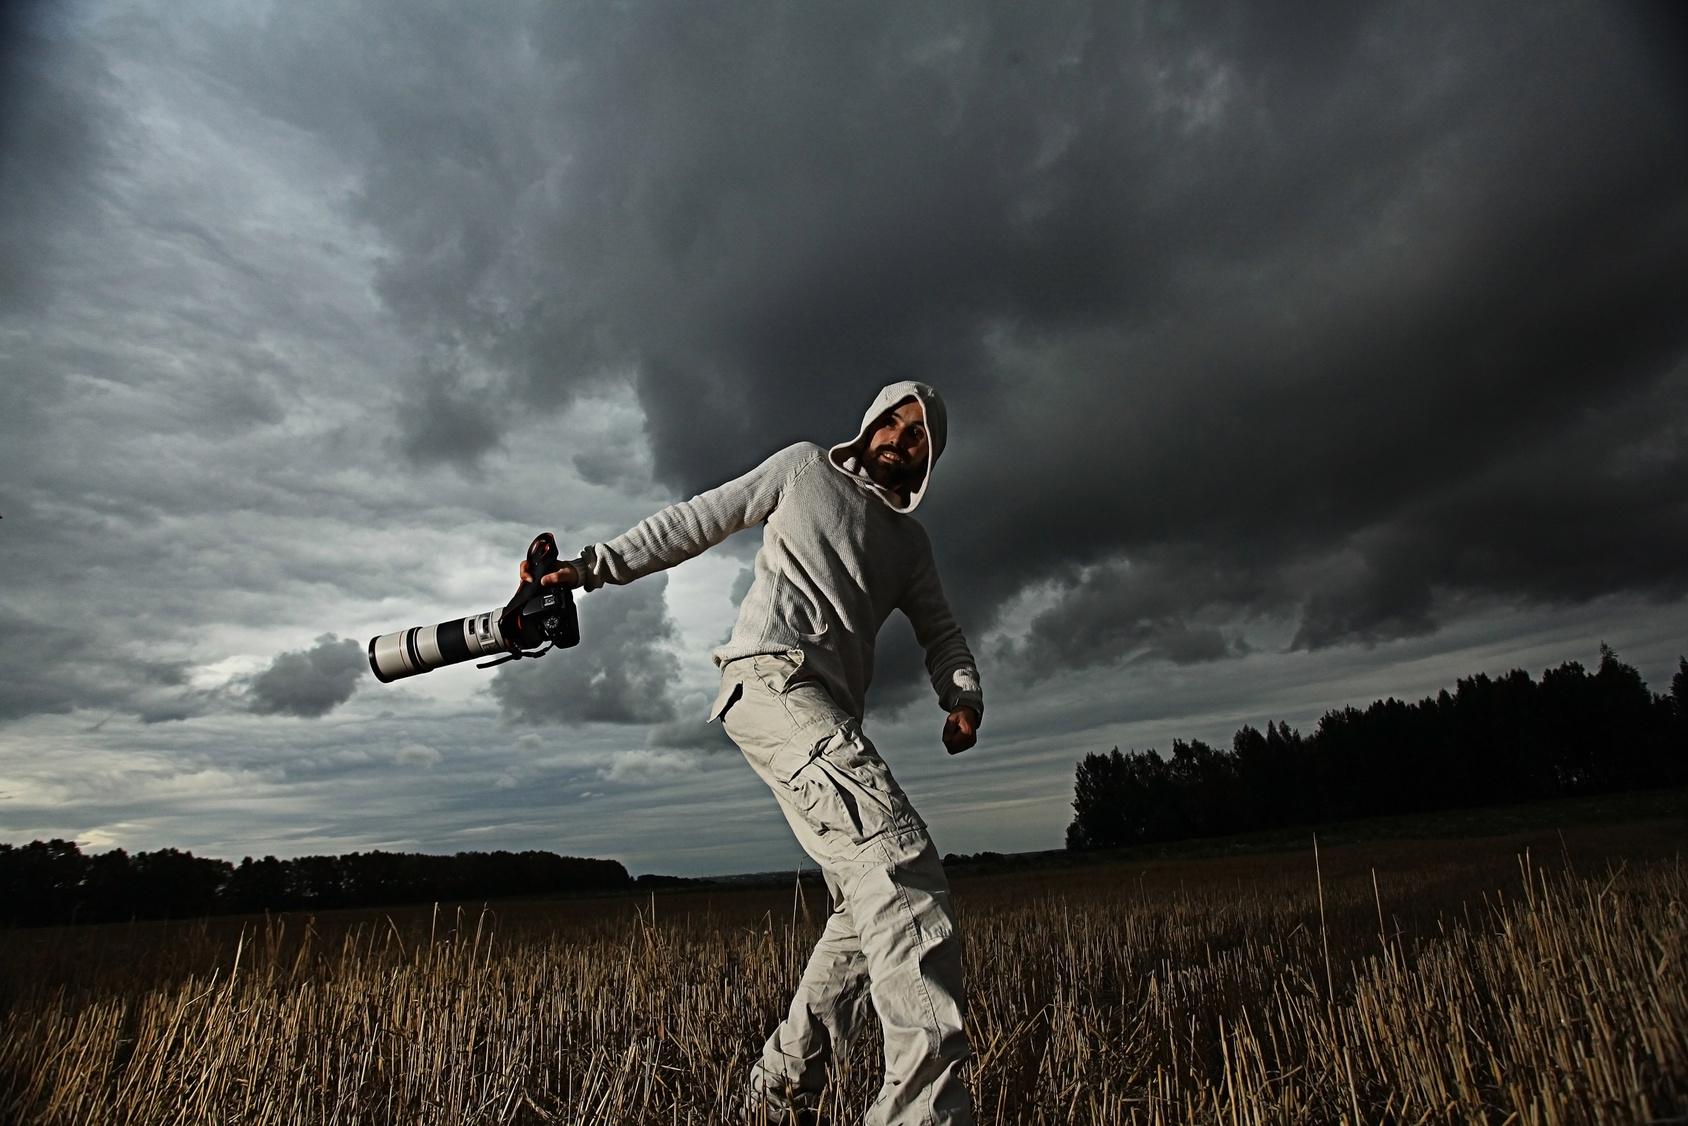 Ein Mann hält unter dunkelgrauen Wolken eine Kamera mit großem Teleobjektiv in der rechten Hand.